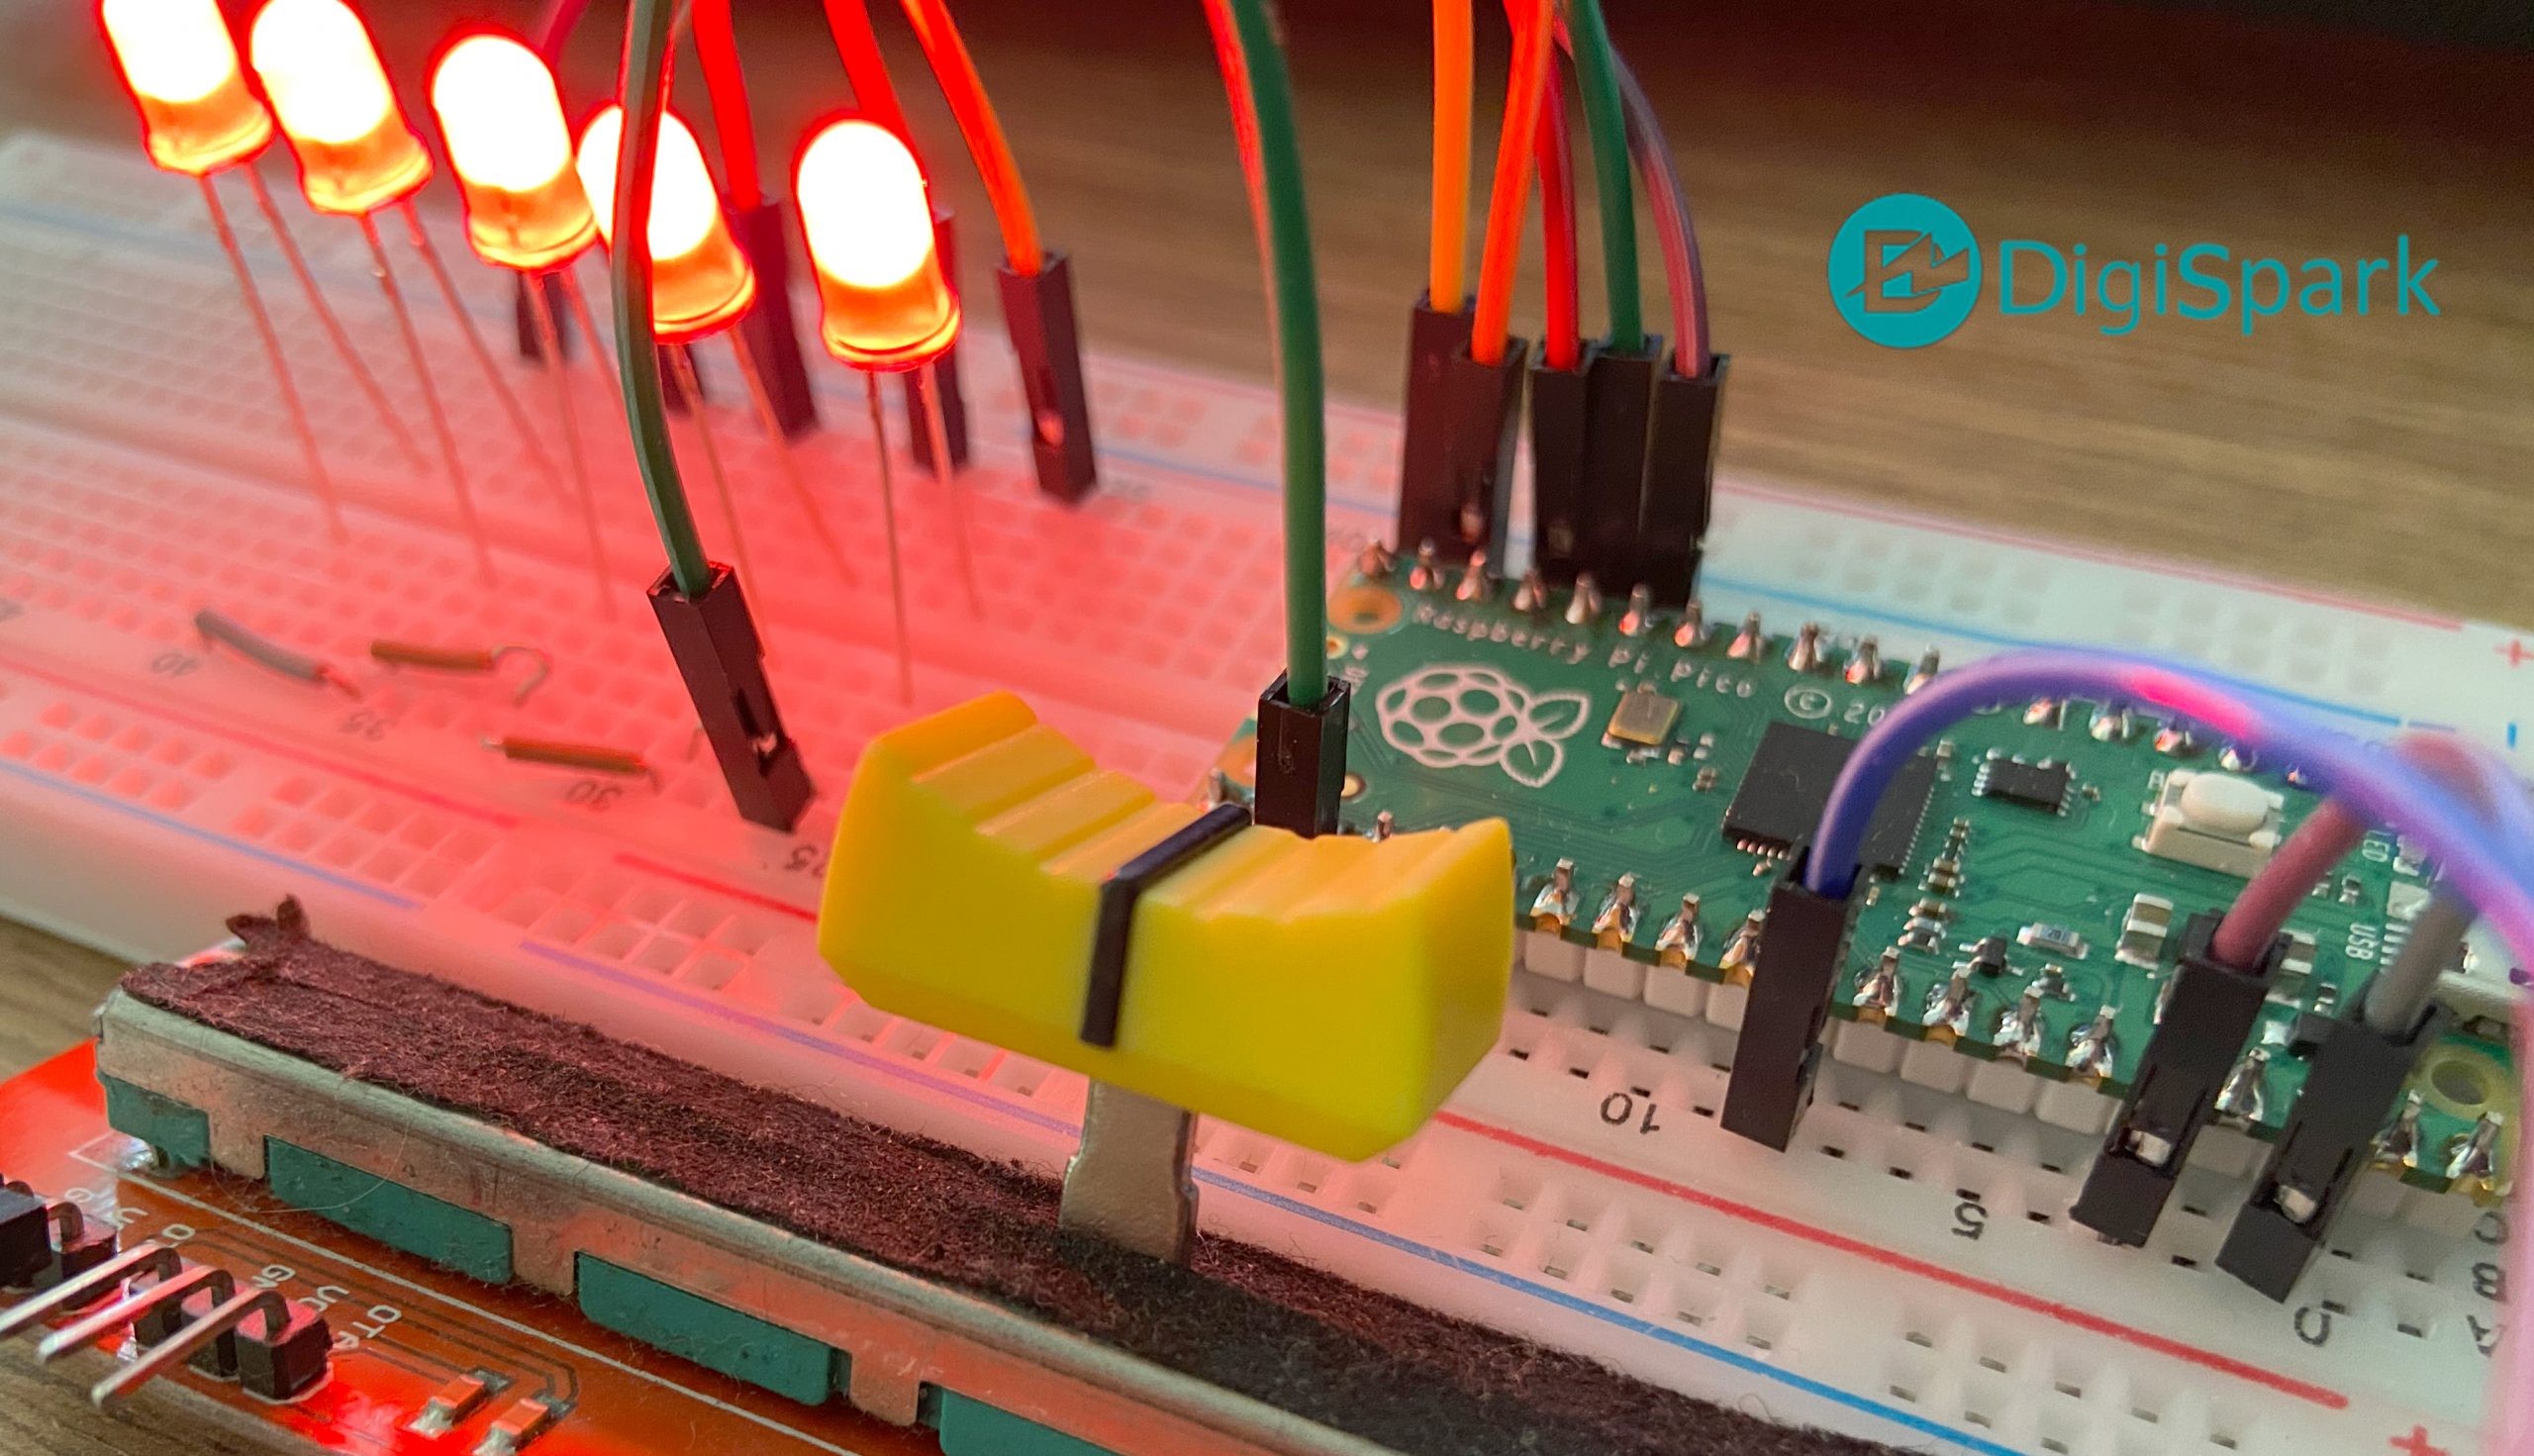 راه اندازی پایه آنالوگ به دیجیتال رزبری پای پیکو Pico - دیجی اسپارک